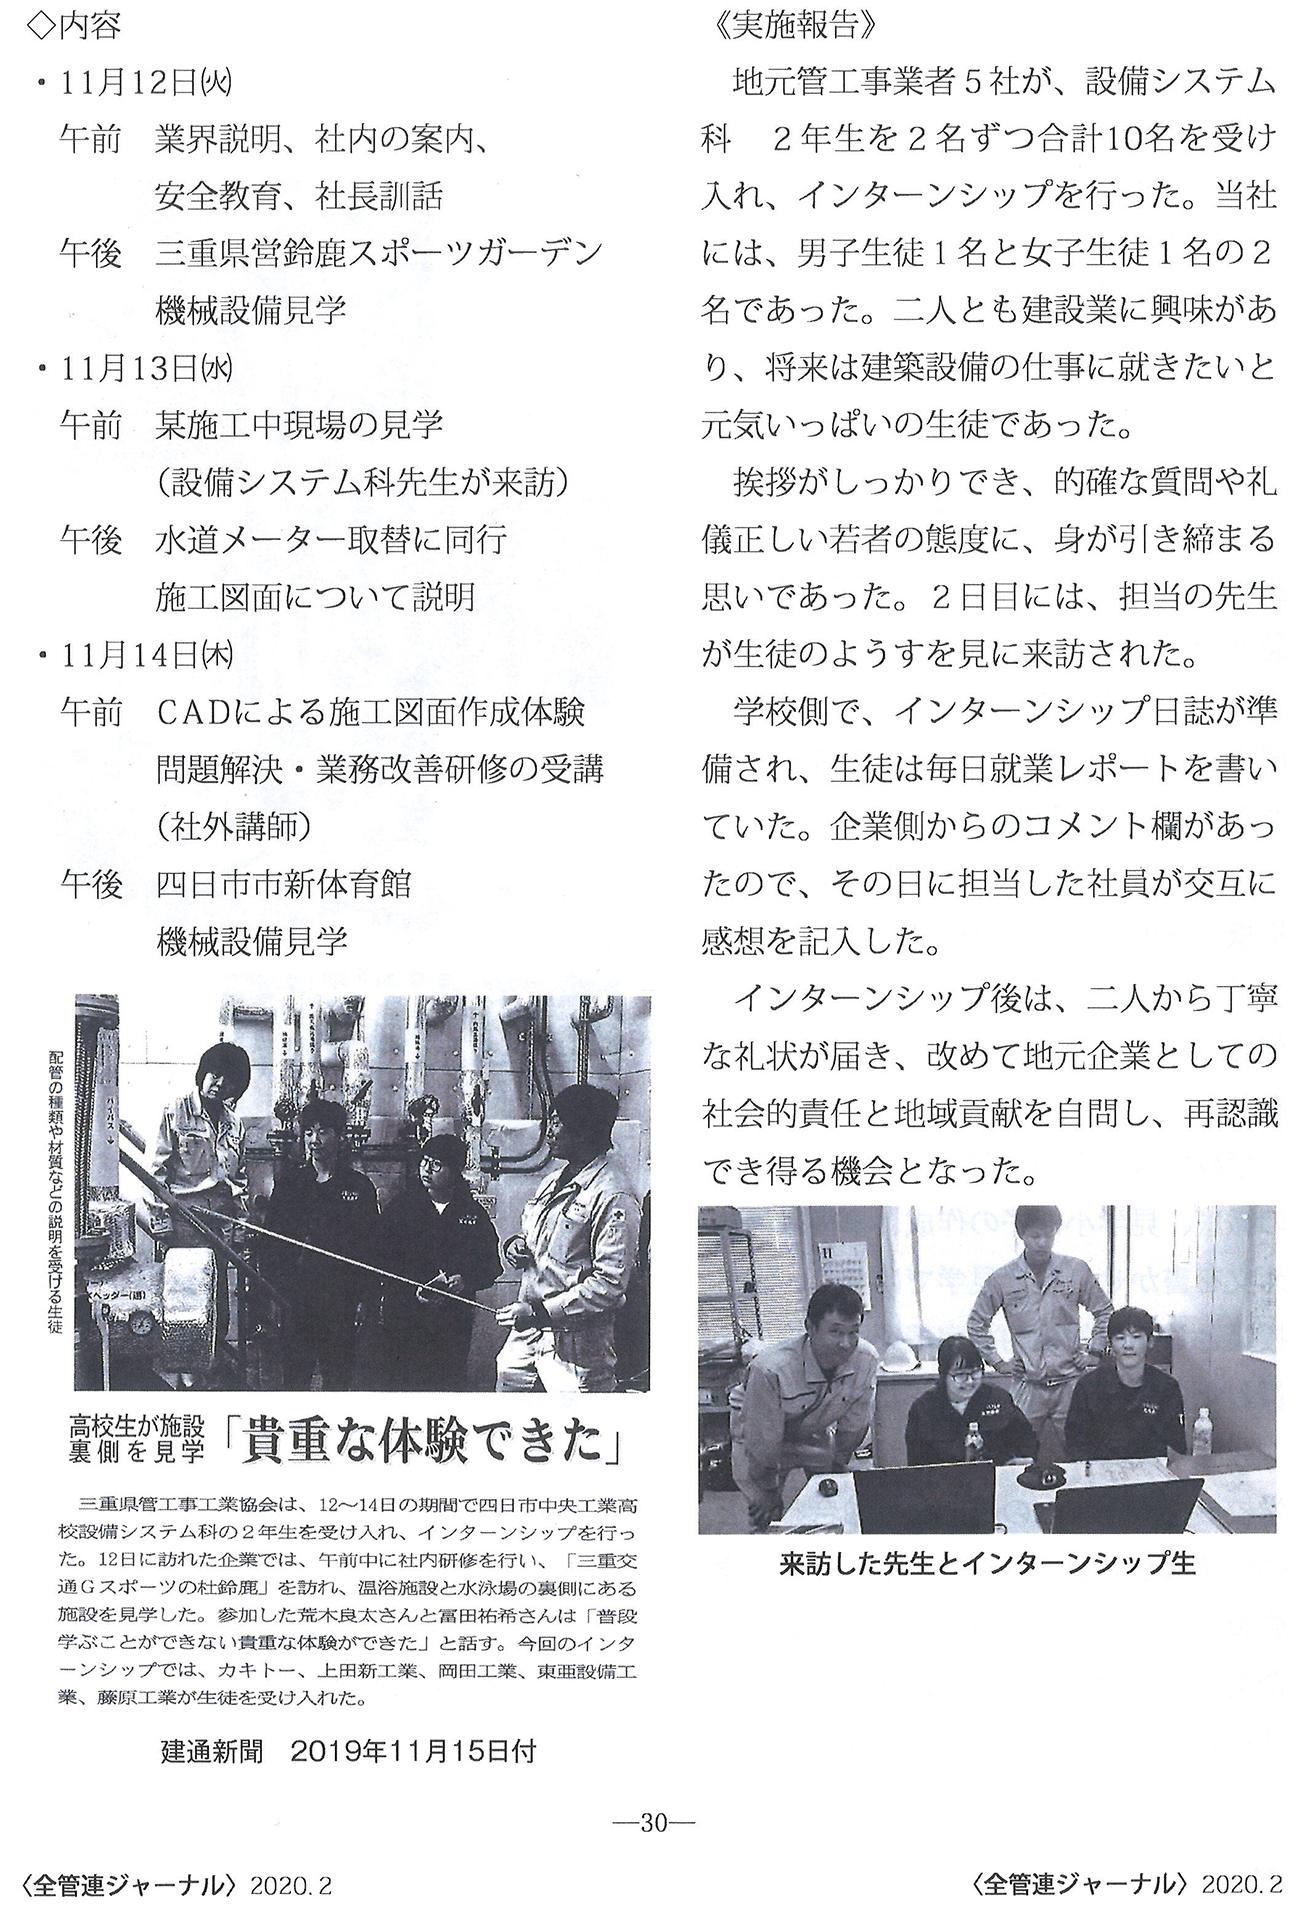 全管連ジャーナル「四中工設備システム科キャリアデザイン教育の取り組み」の記事写真4